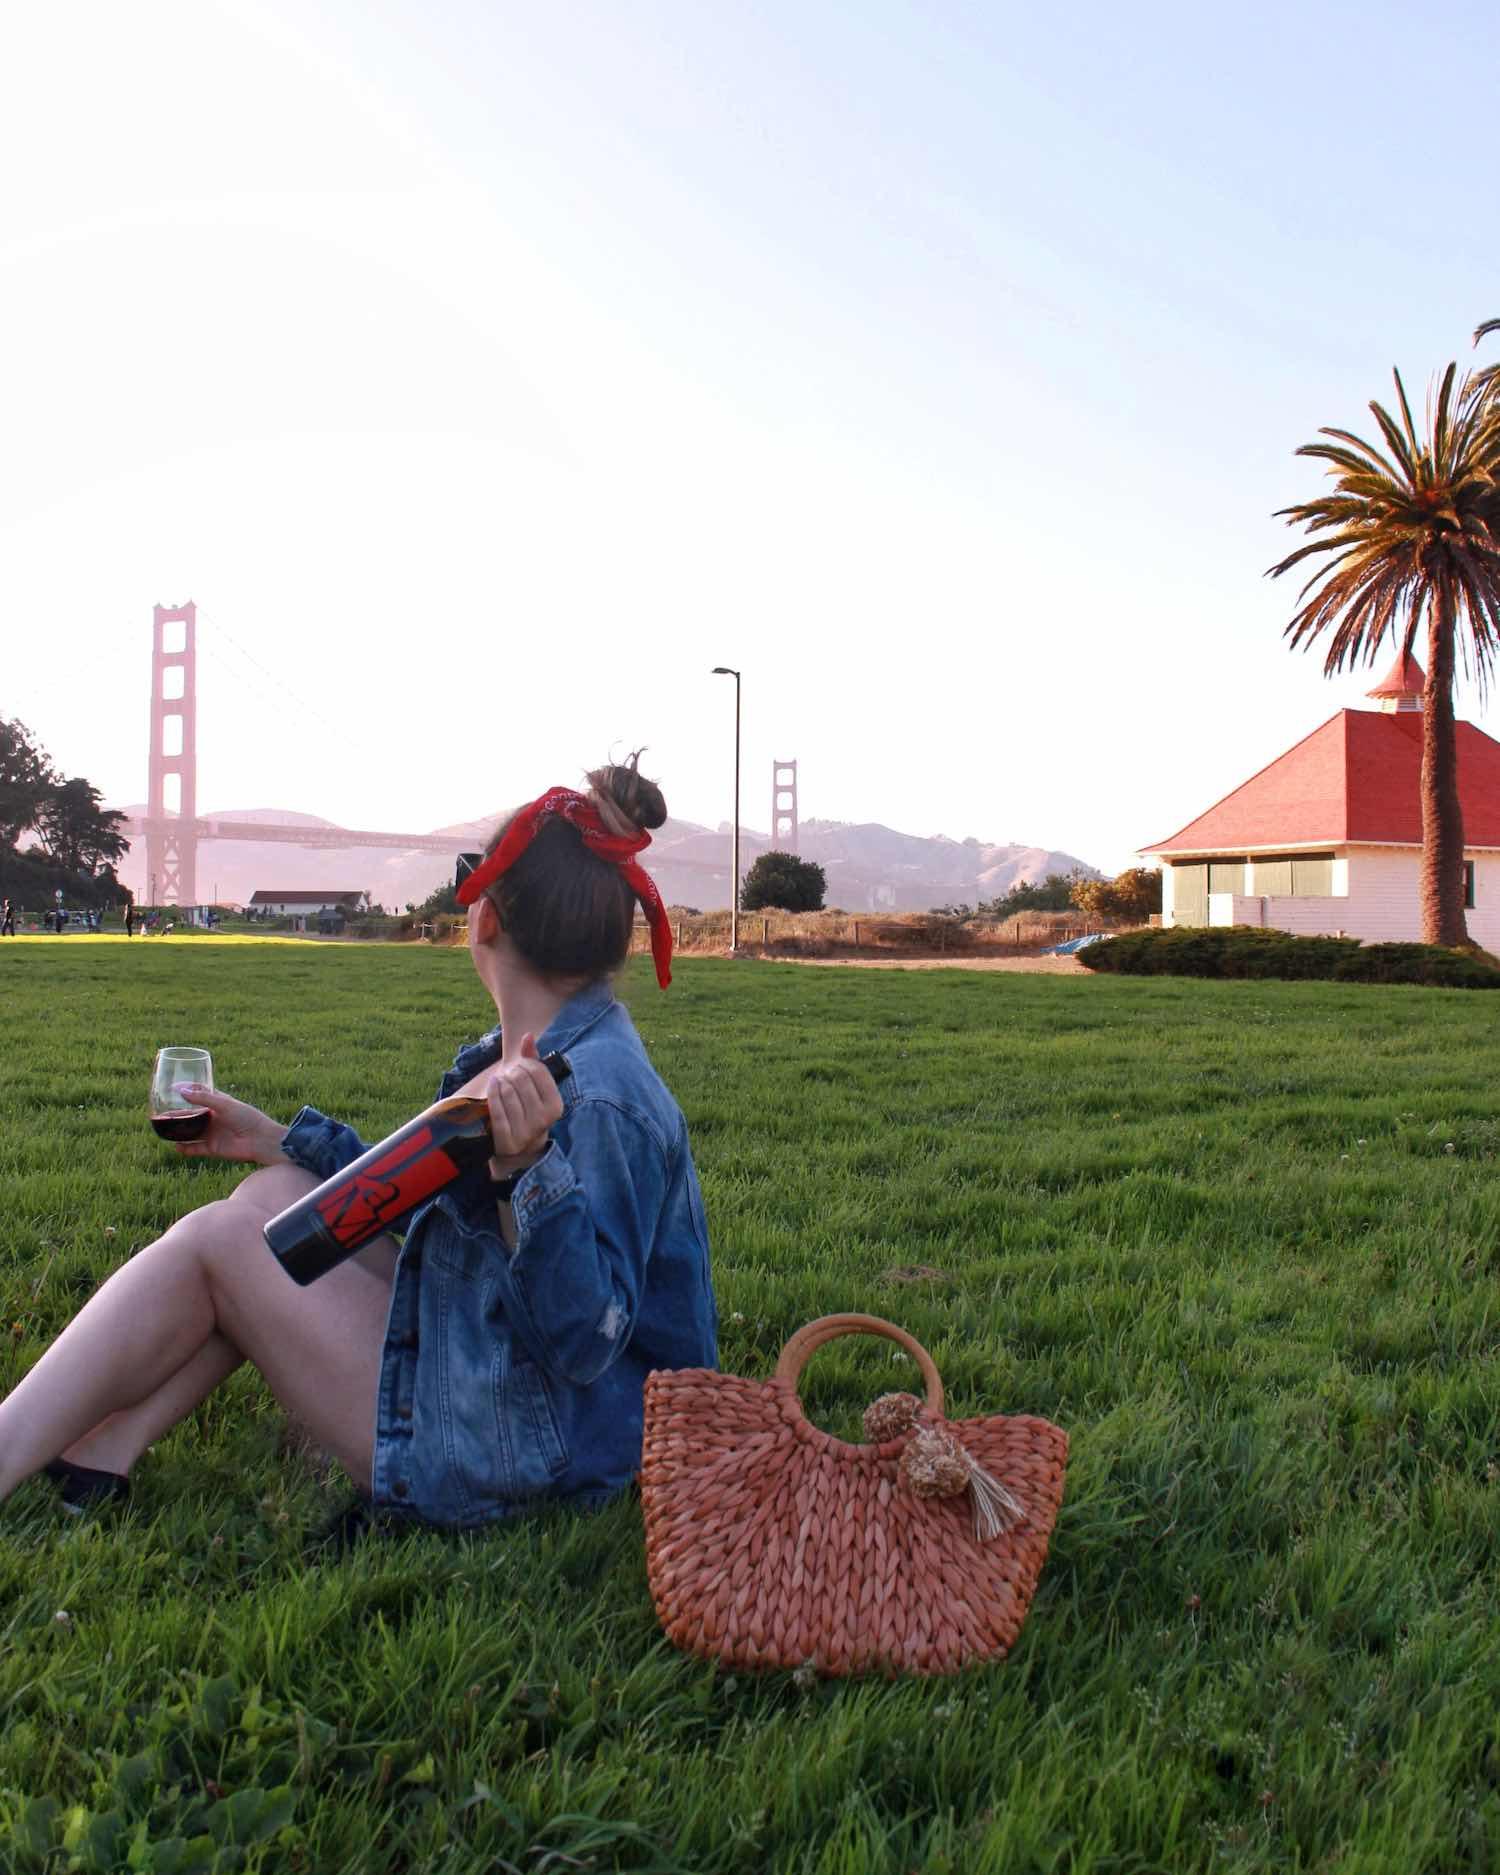 100+ Most Instagram Worthy Spots in San Francisco - Crissy Field